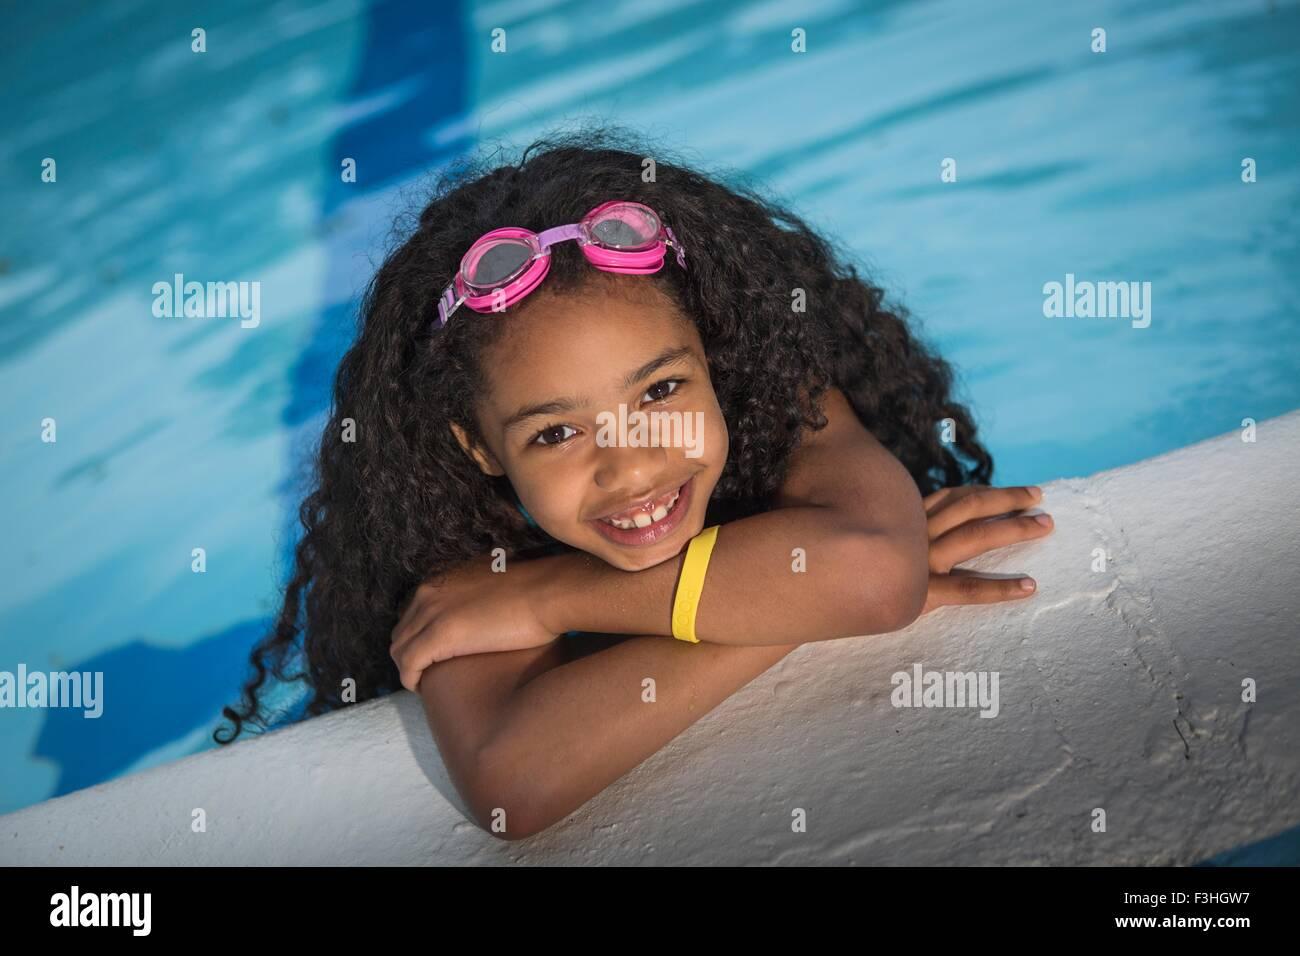 Porträt eines Mädchens mit lockiges schwarzes Haar hing am Rand des Schwimmbades Blick auf die Kamera Stockbild